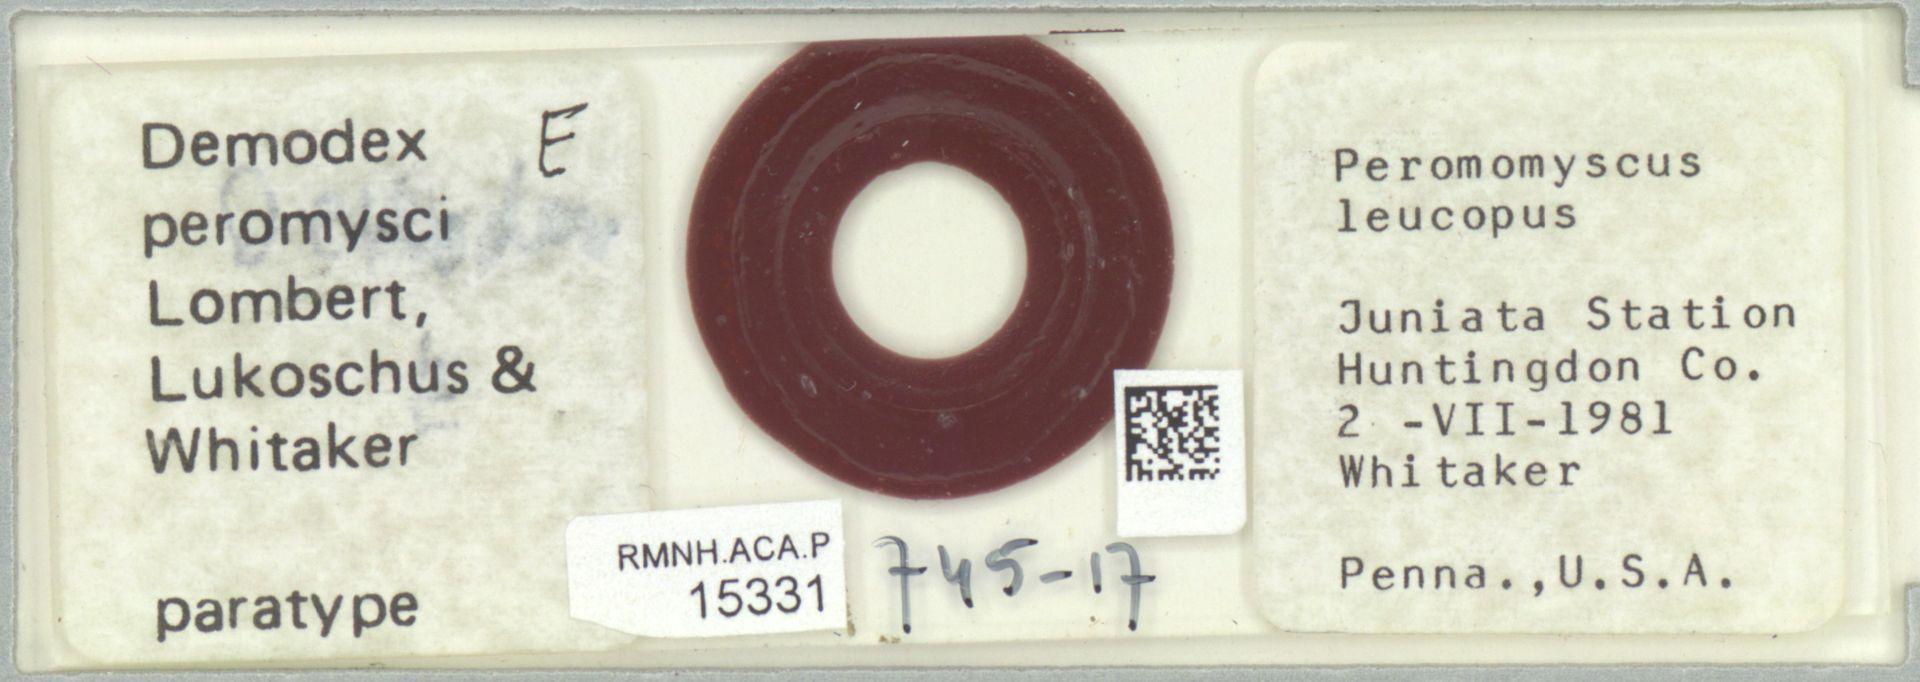 RMNH.ACA.P.15331 | Demodex peromysci